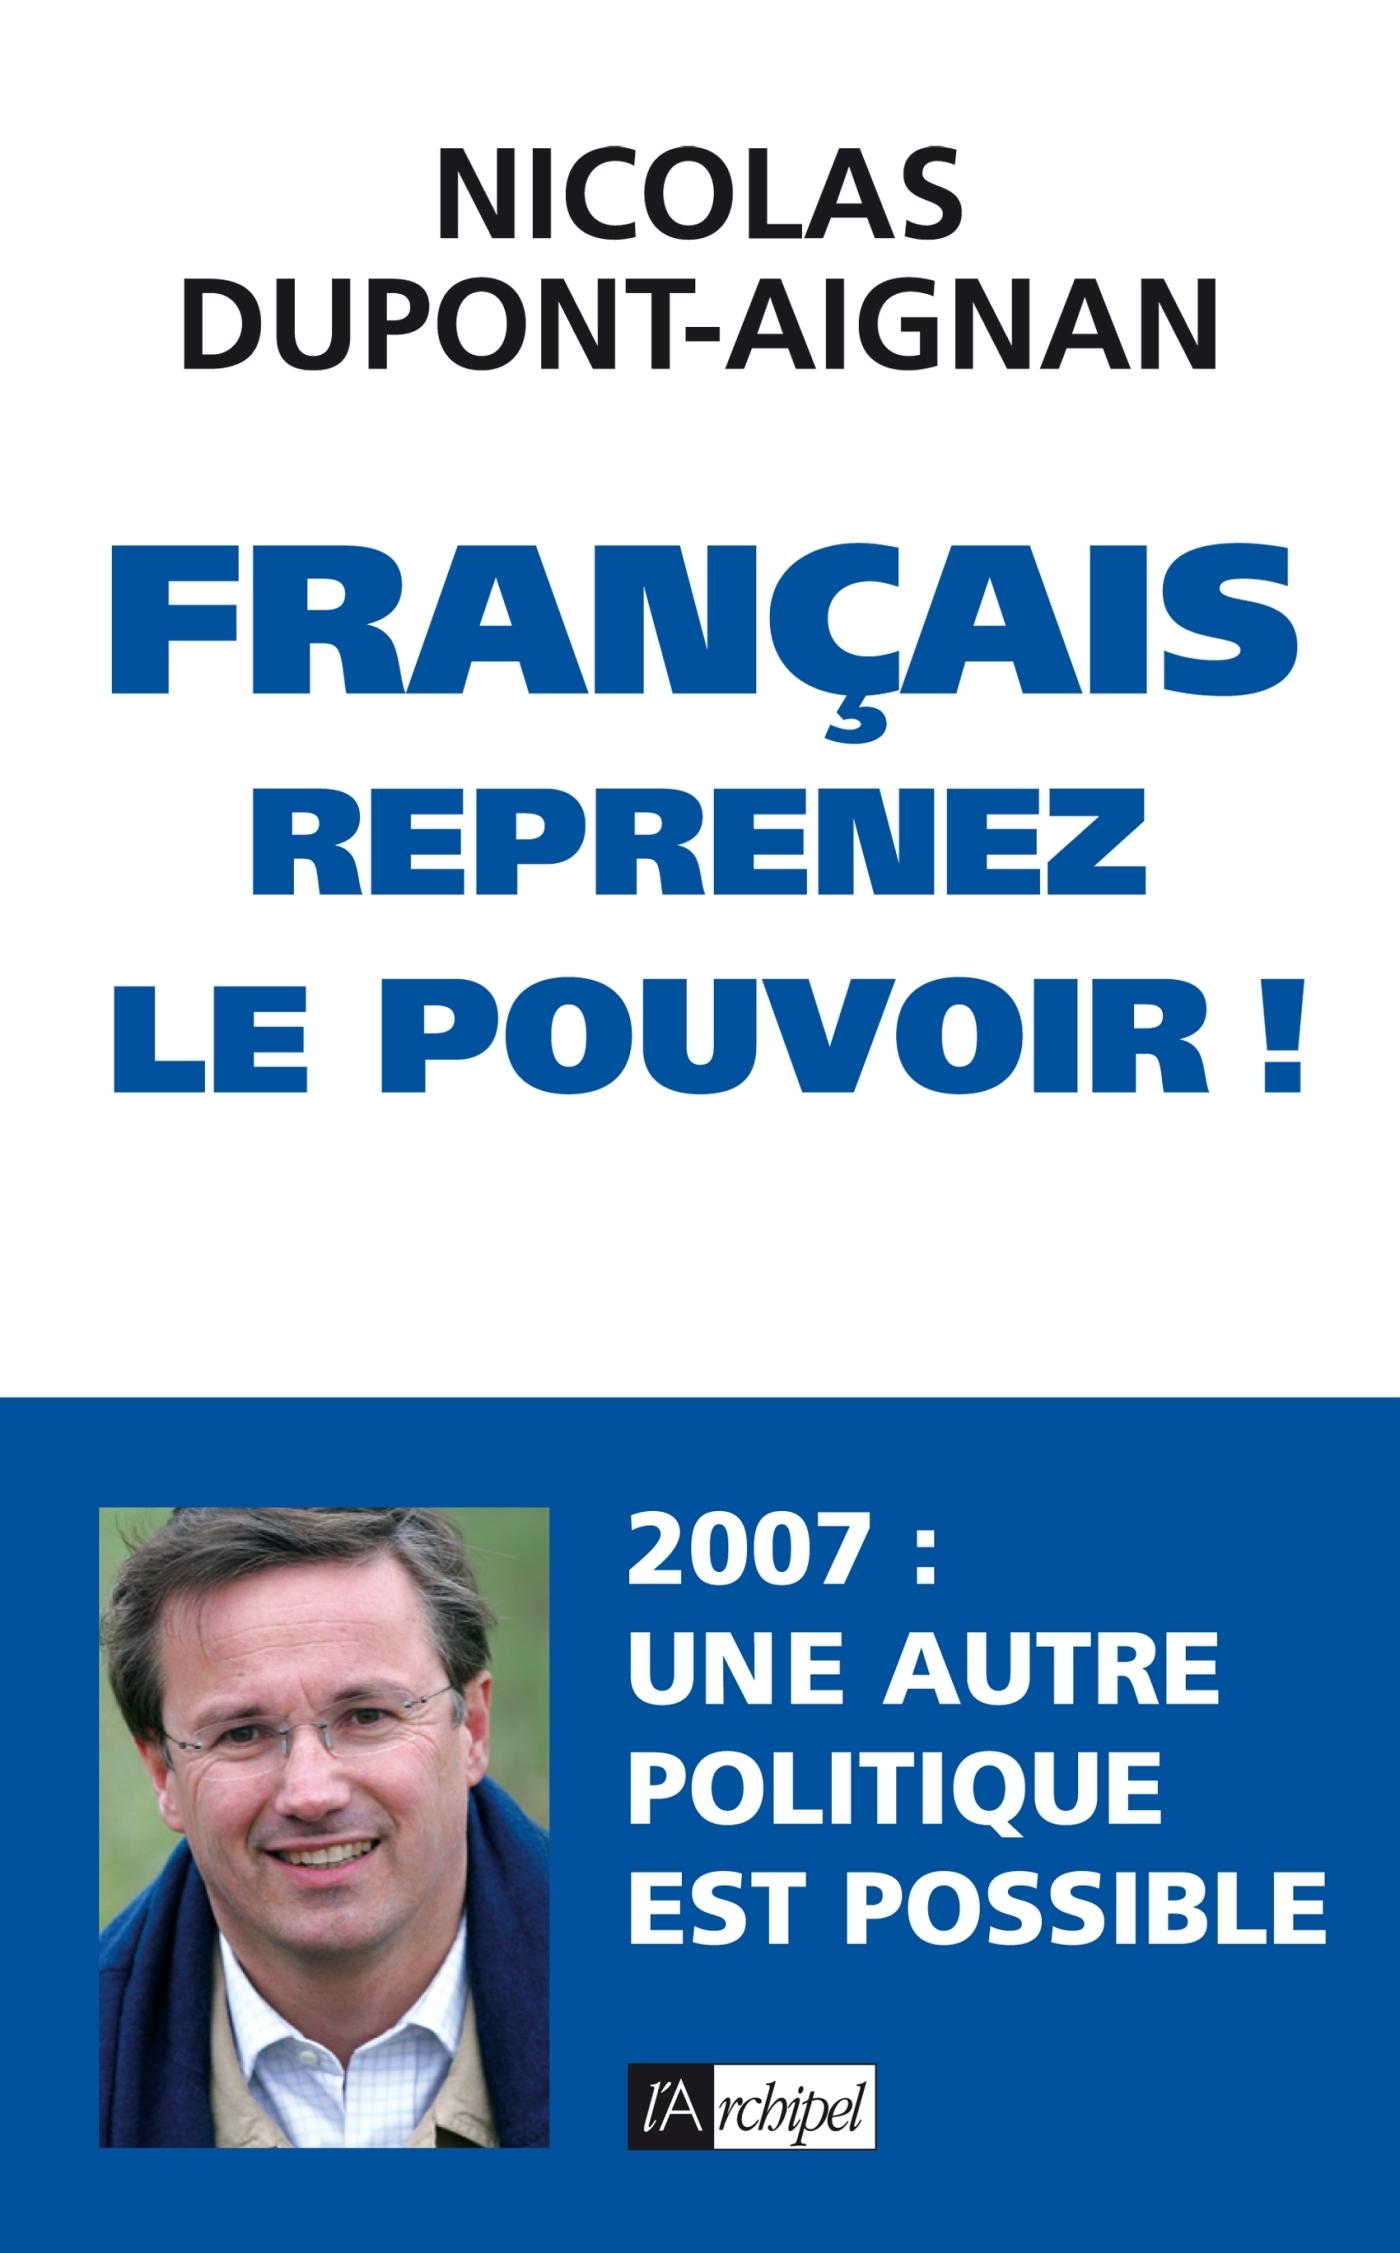 FRANCAIS, REPRENEZ LE POUVOIR